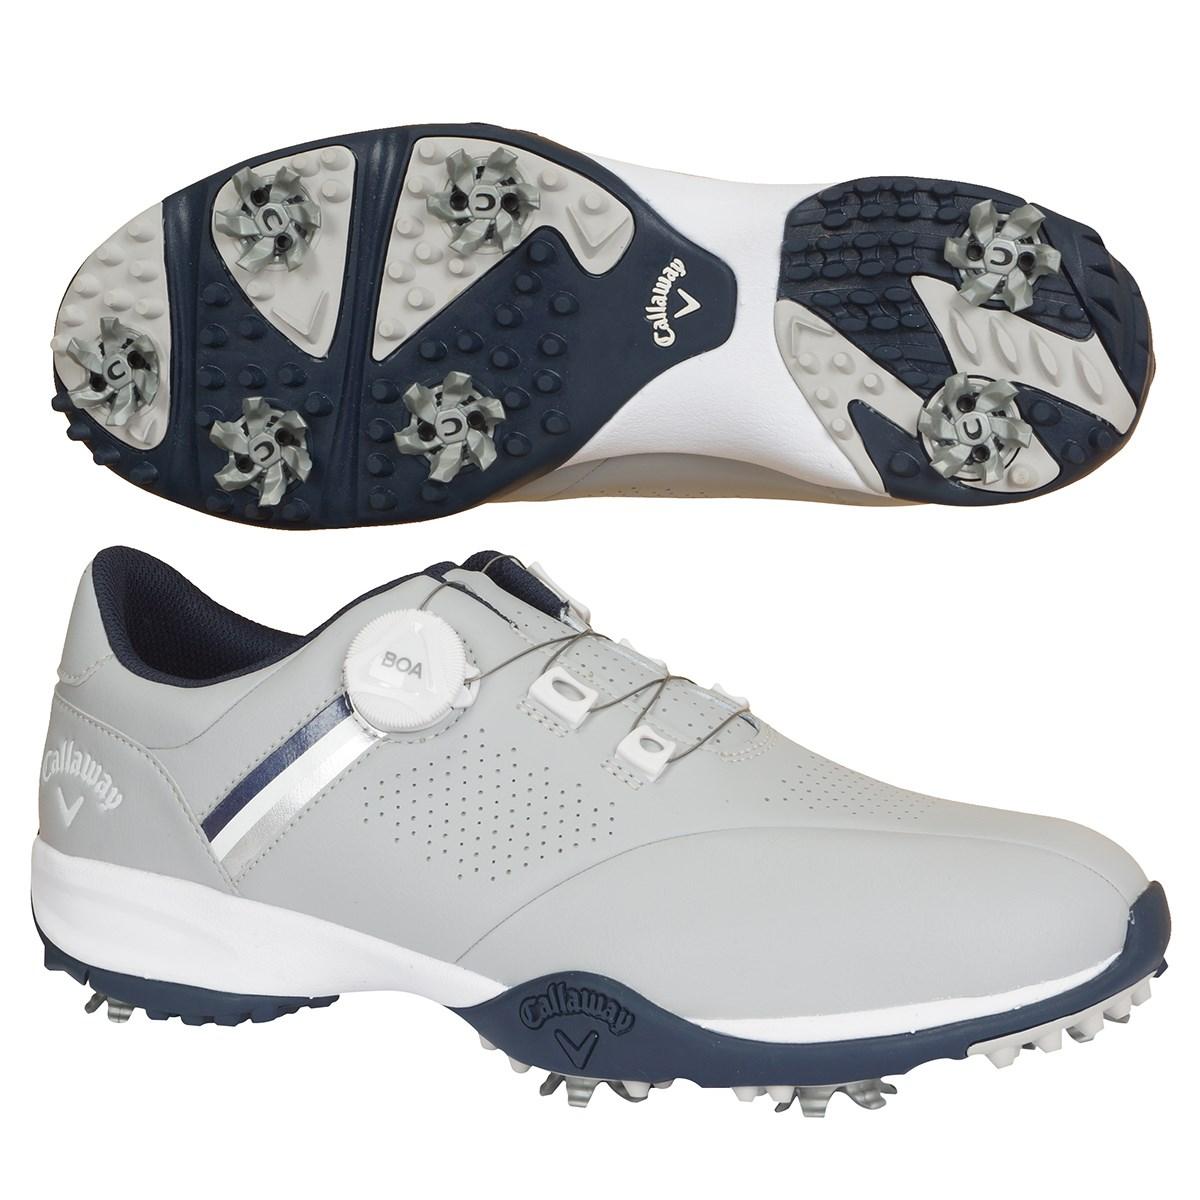 キャロウェイゴルフ(Callaway Golf) AEROSPORT BOA 20 ゴルフシューズ